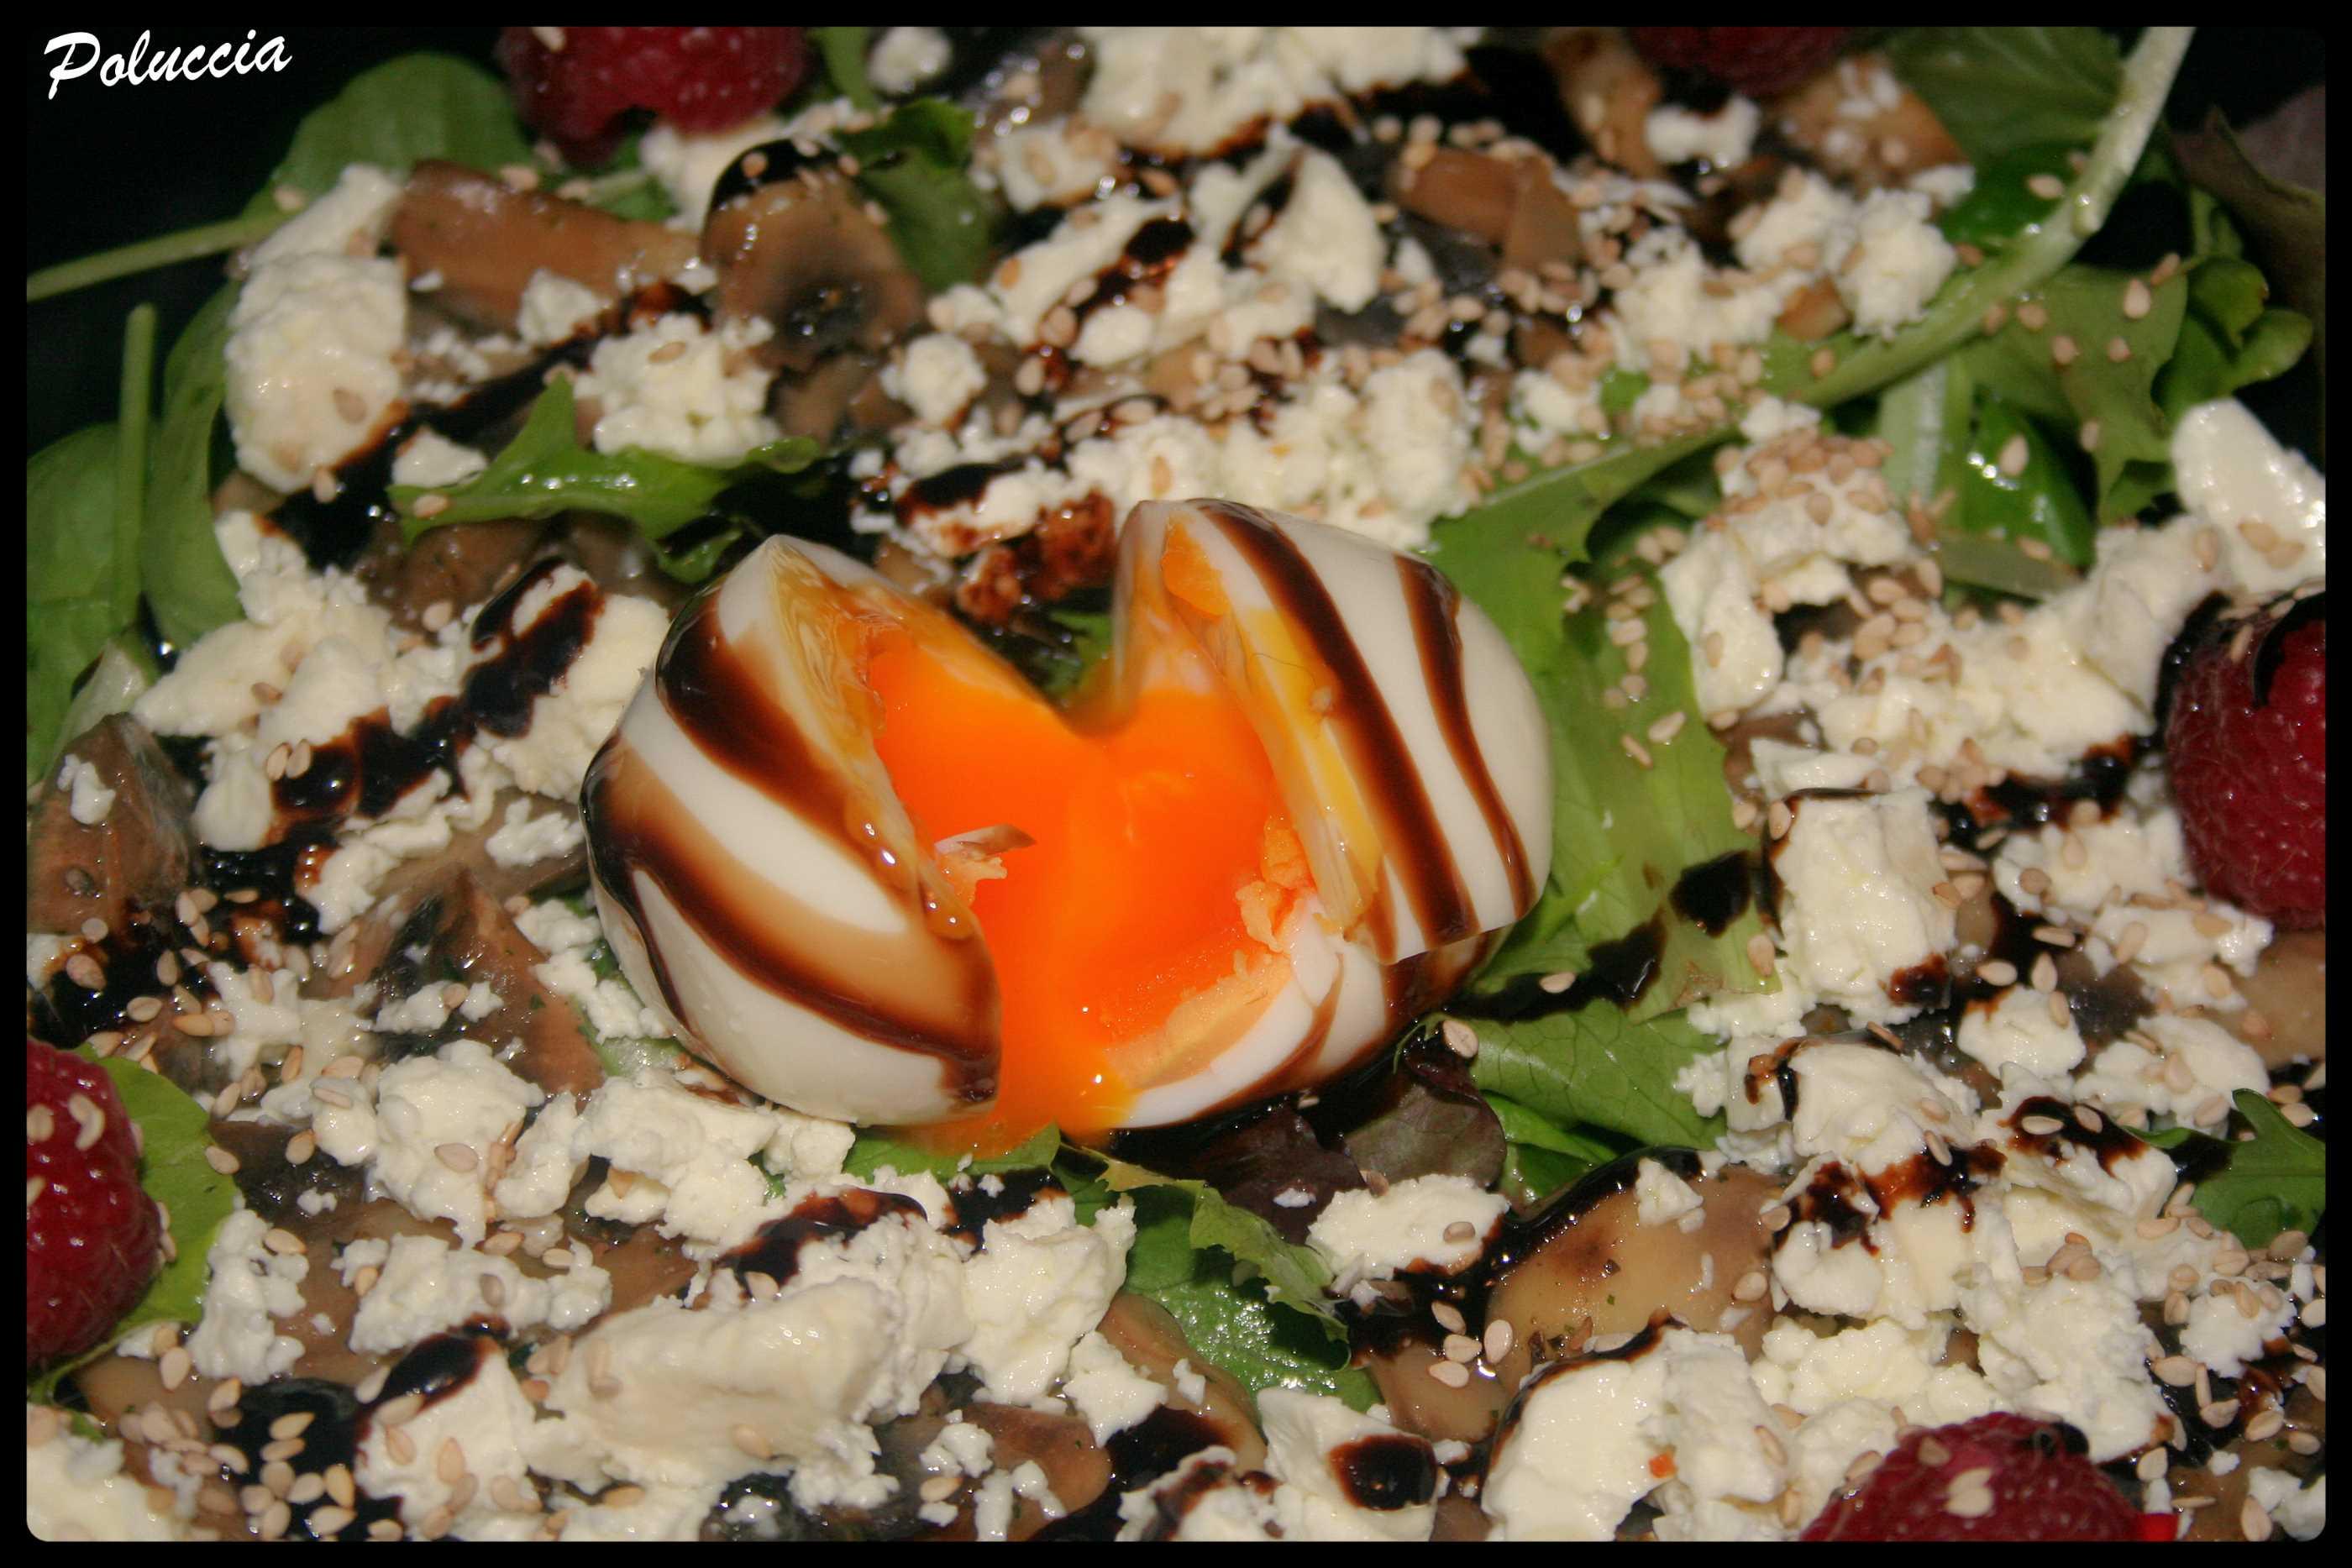 salade de jeunes pousses uf mollet champignons feta a cantina di poluccia cuisine. Black Bedroom Furniture Sets. Home Design Ideas